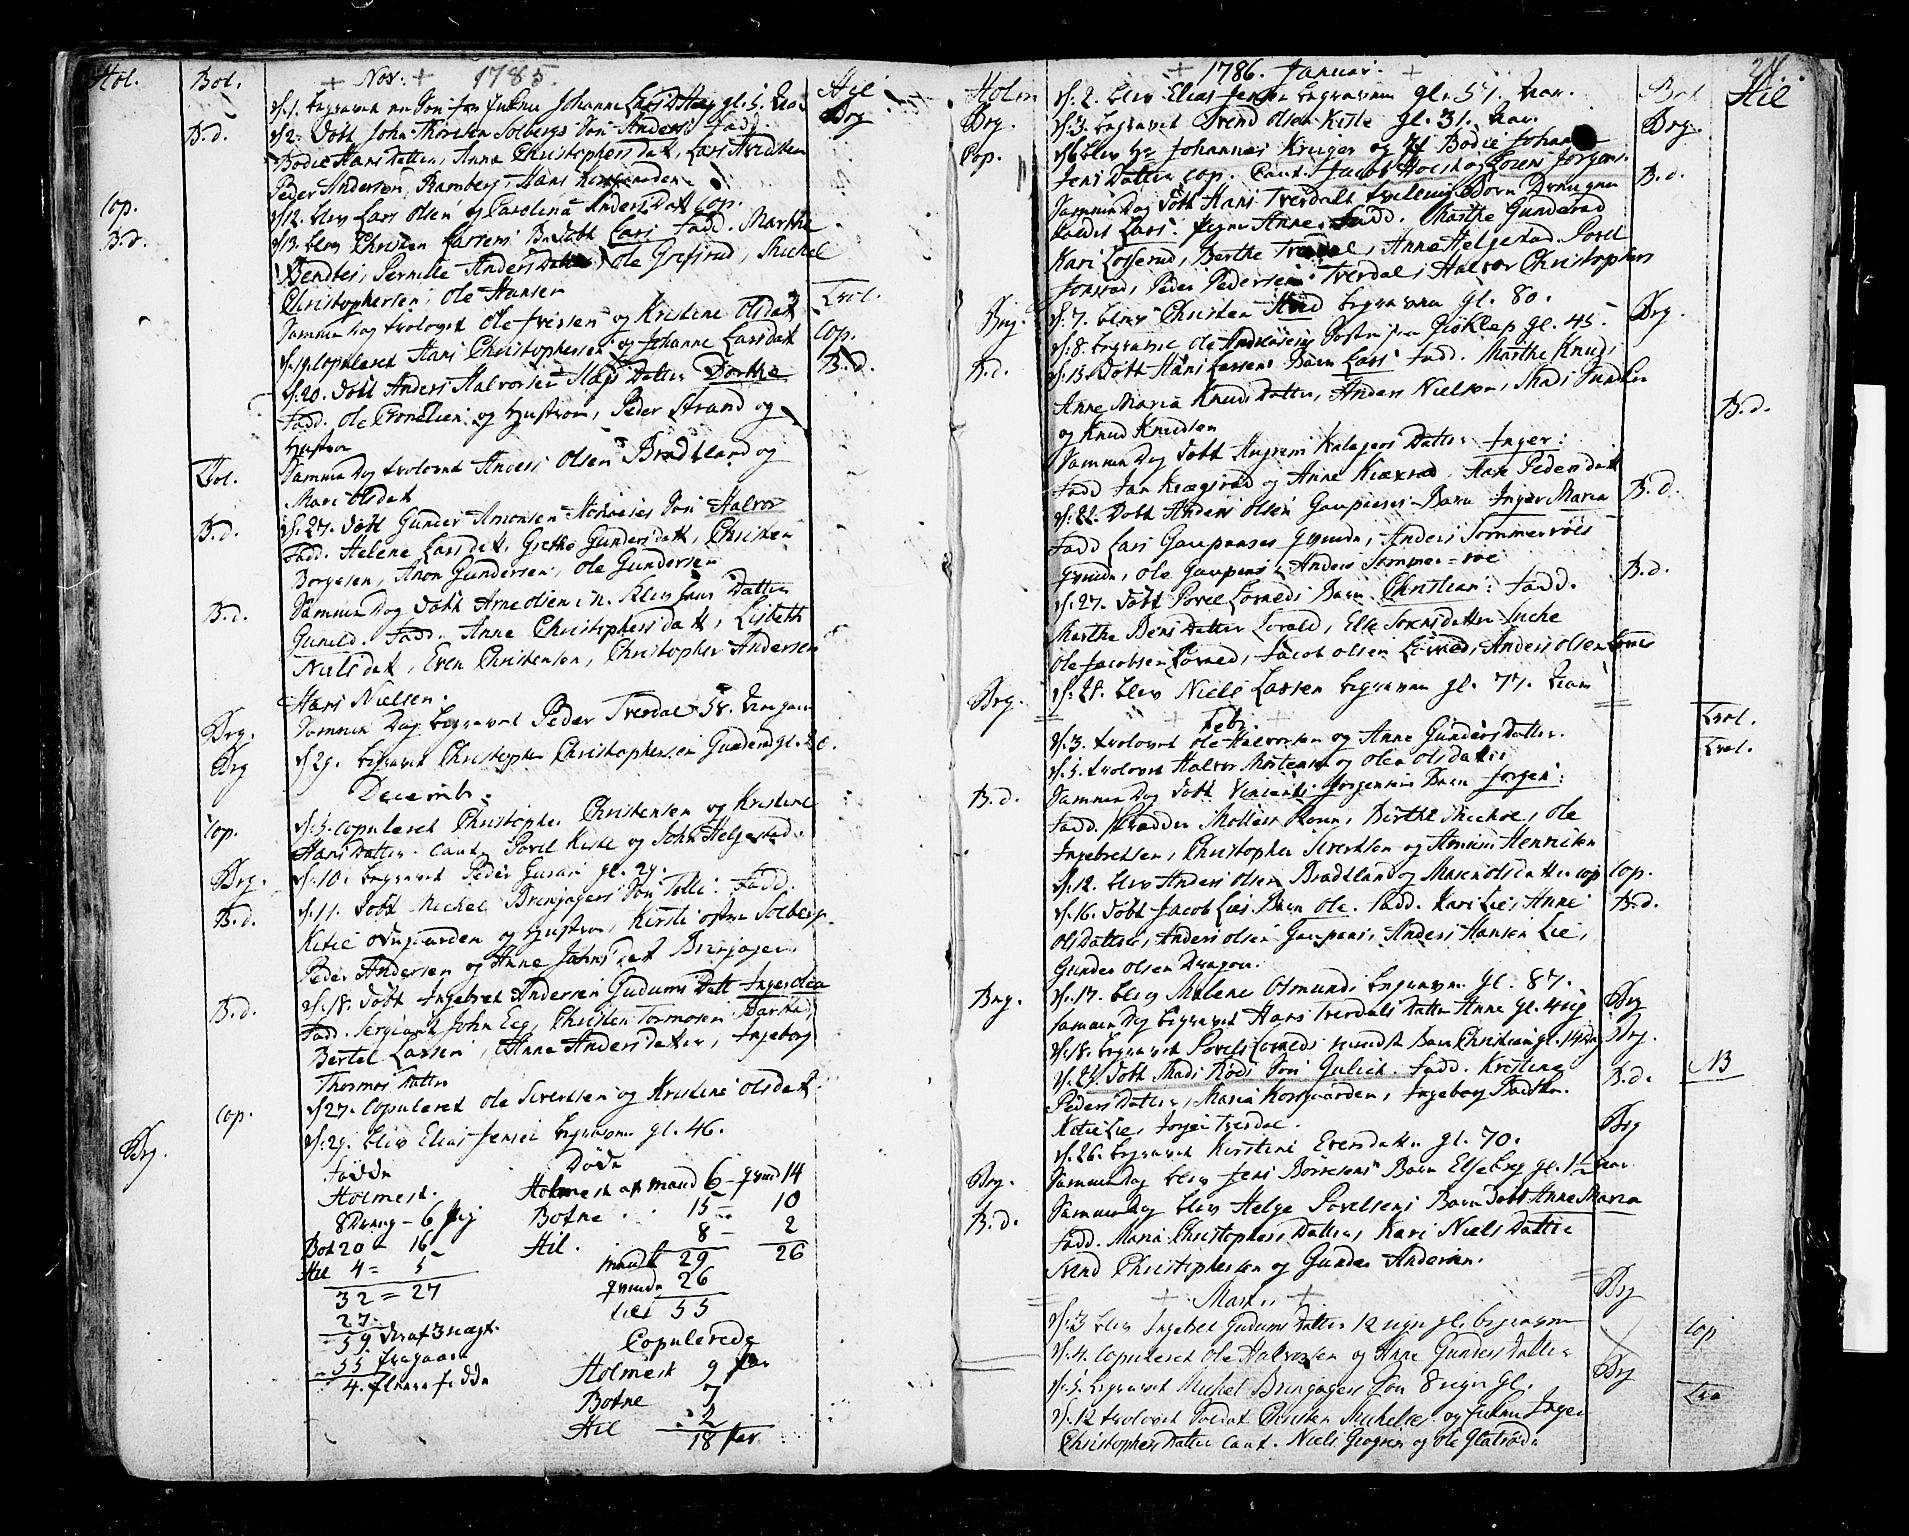 SAKO, Botne kirkebøker, F/Fa/L0002: Ministerialbok nr. I 2, 1779-1791, s. 24